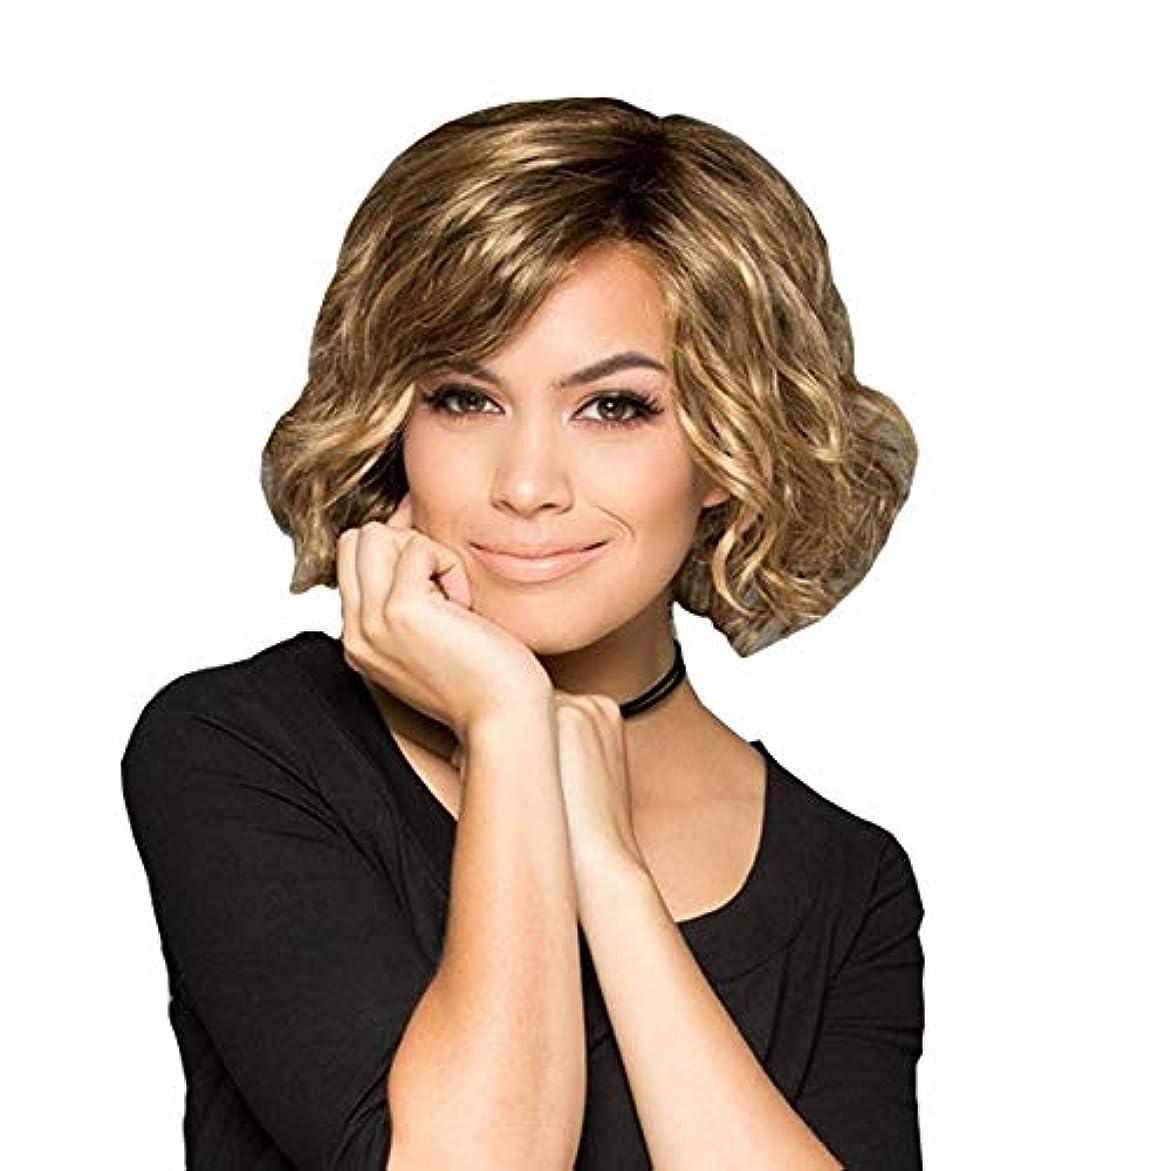 粘液ピクニックをする手のひらYOUQIU 前髪かつらを持つ女性人工毛のためにブロンド髪ショートボブウィッグ (色 : A)